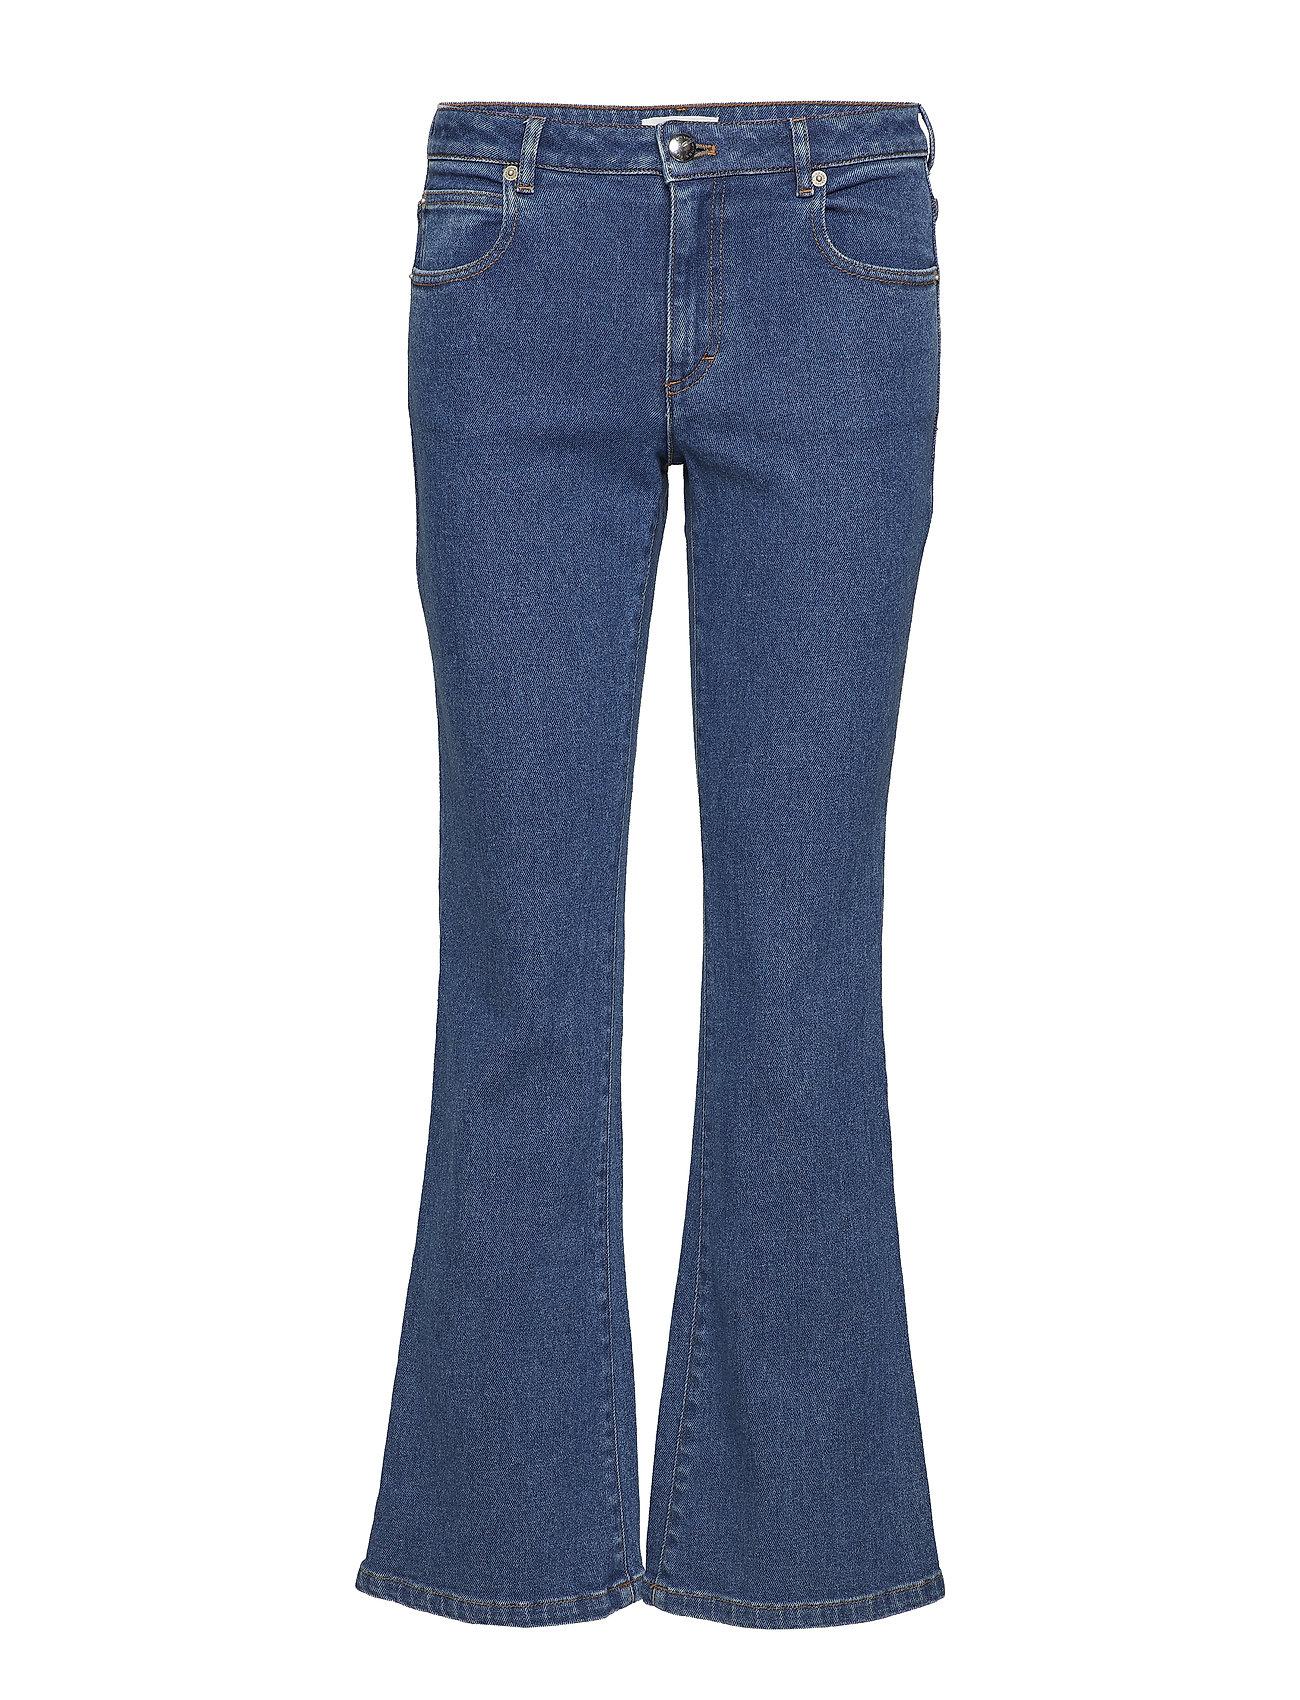 Image of Saint-Germain Jeans Med Svaj Blå Sonia Rykiel (3075831579)